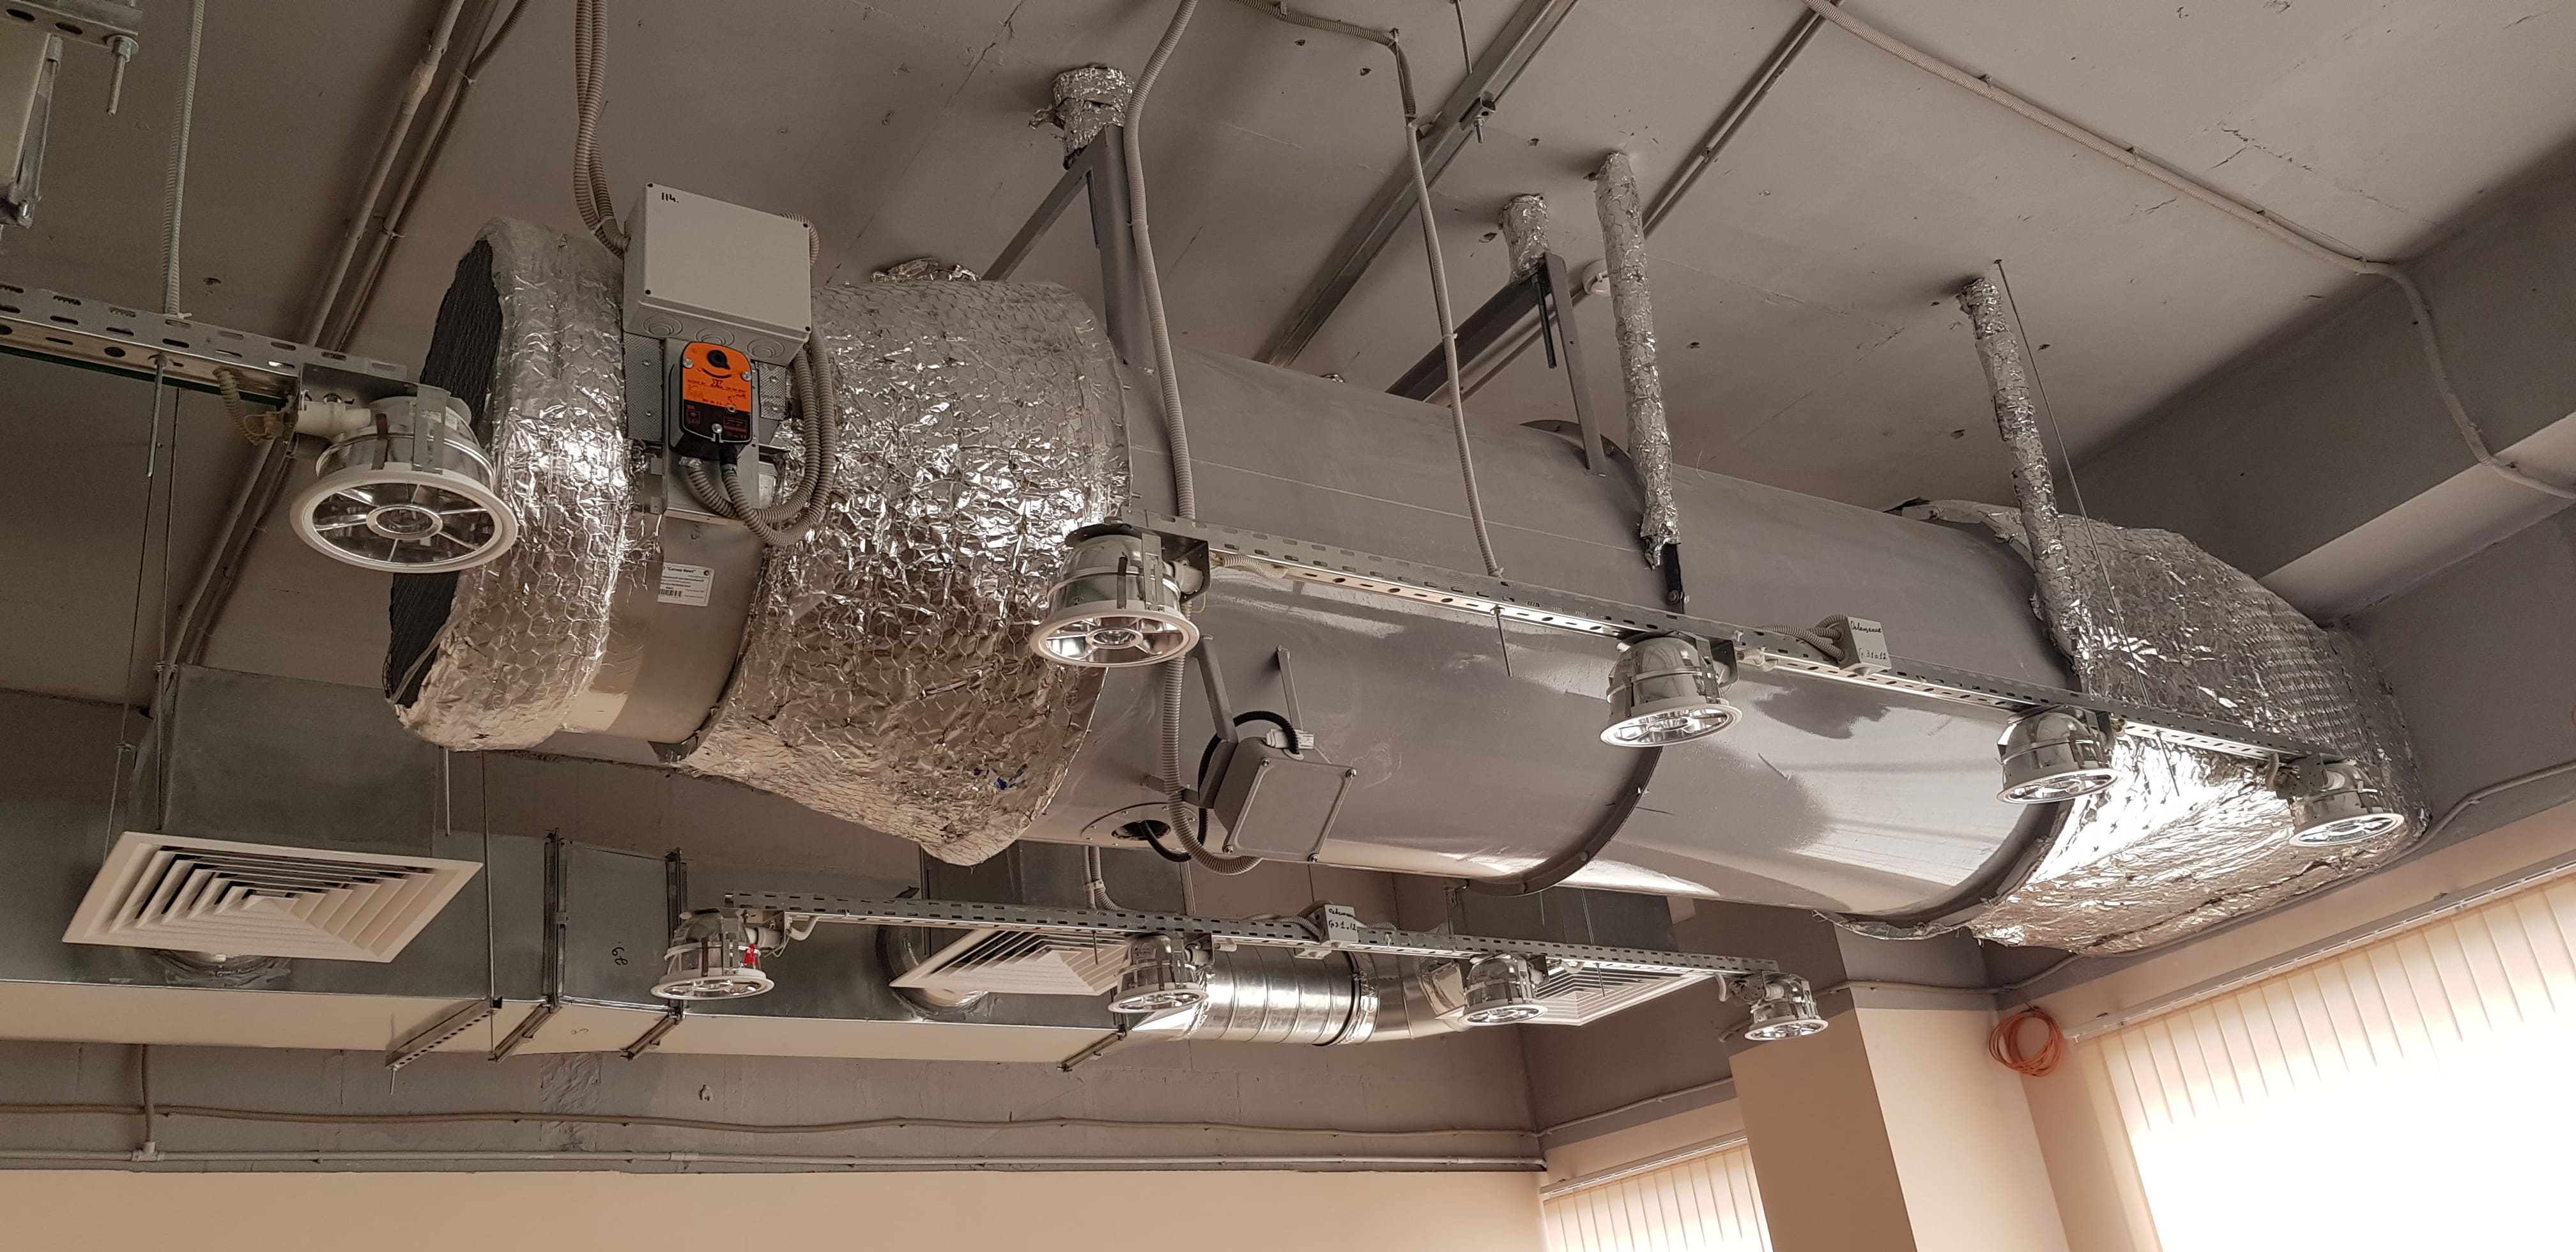 Регулярное обслуживание систем вентиляции - не повод для экономии.